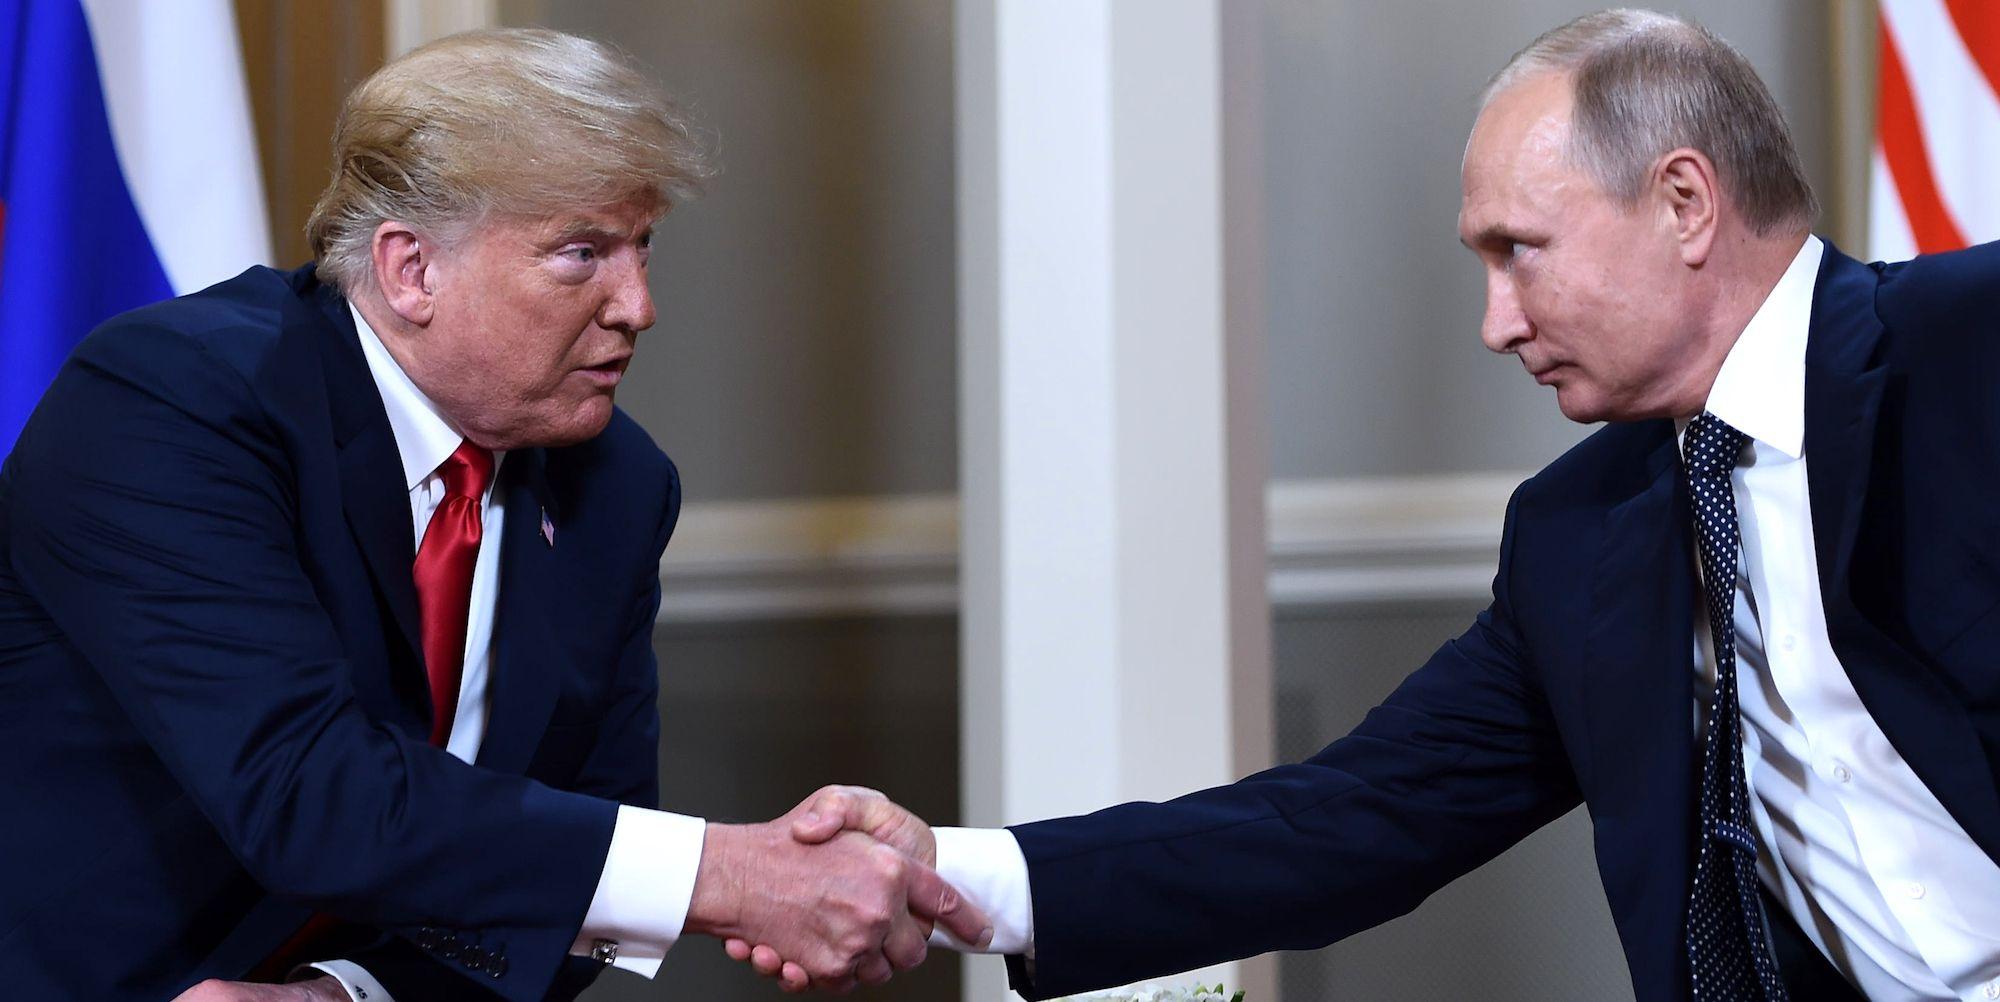 FINLAND-US-RUSSIA-POLITICS-DIPLOMACY-SUMMIT